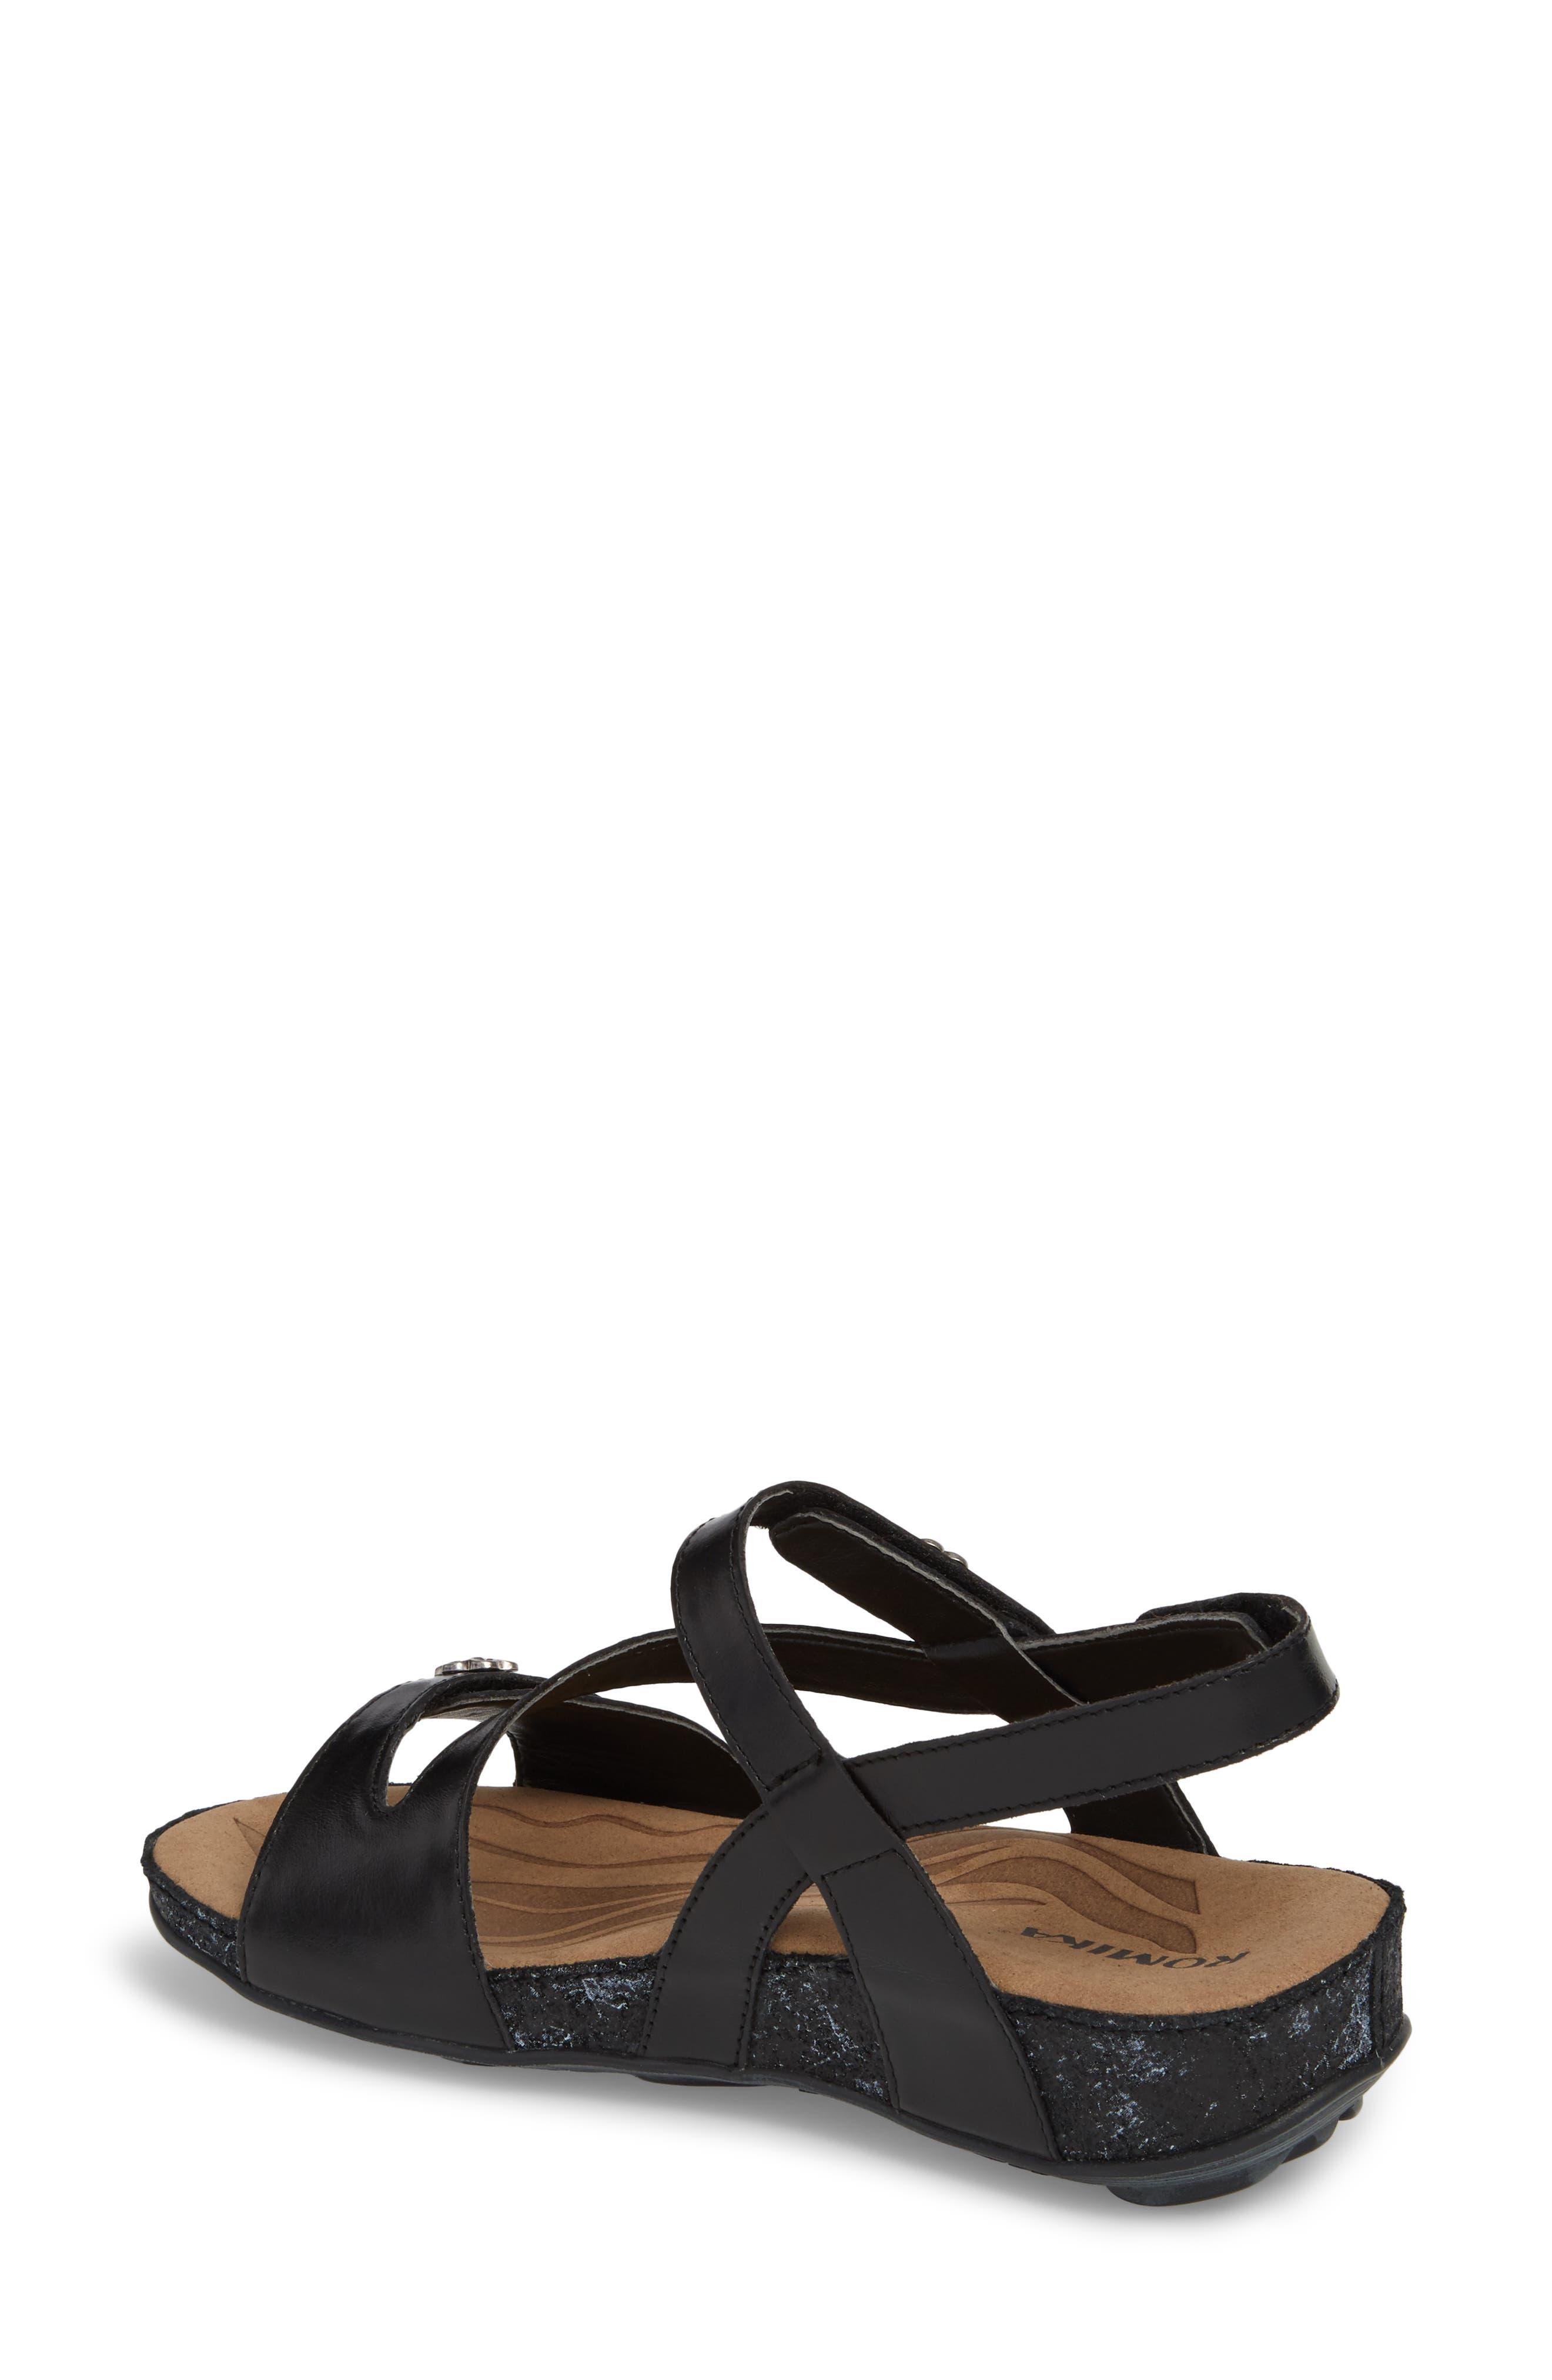 Fidschi 54 Sandal,                             Alternate thumbnail 2, color,                             003